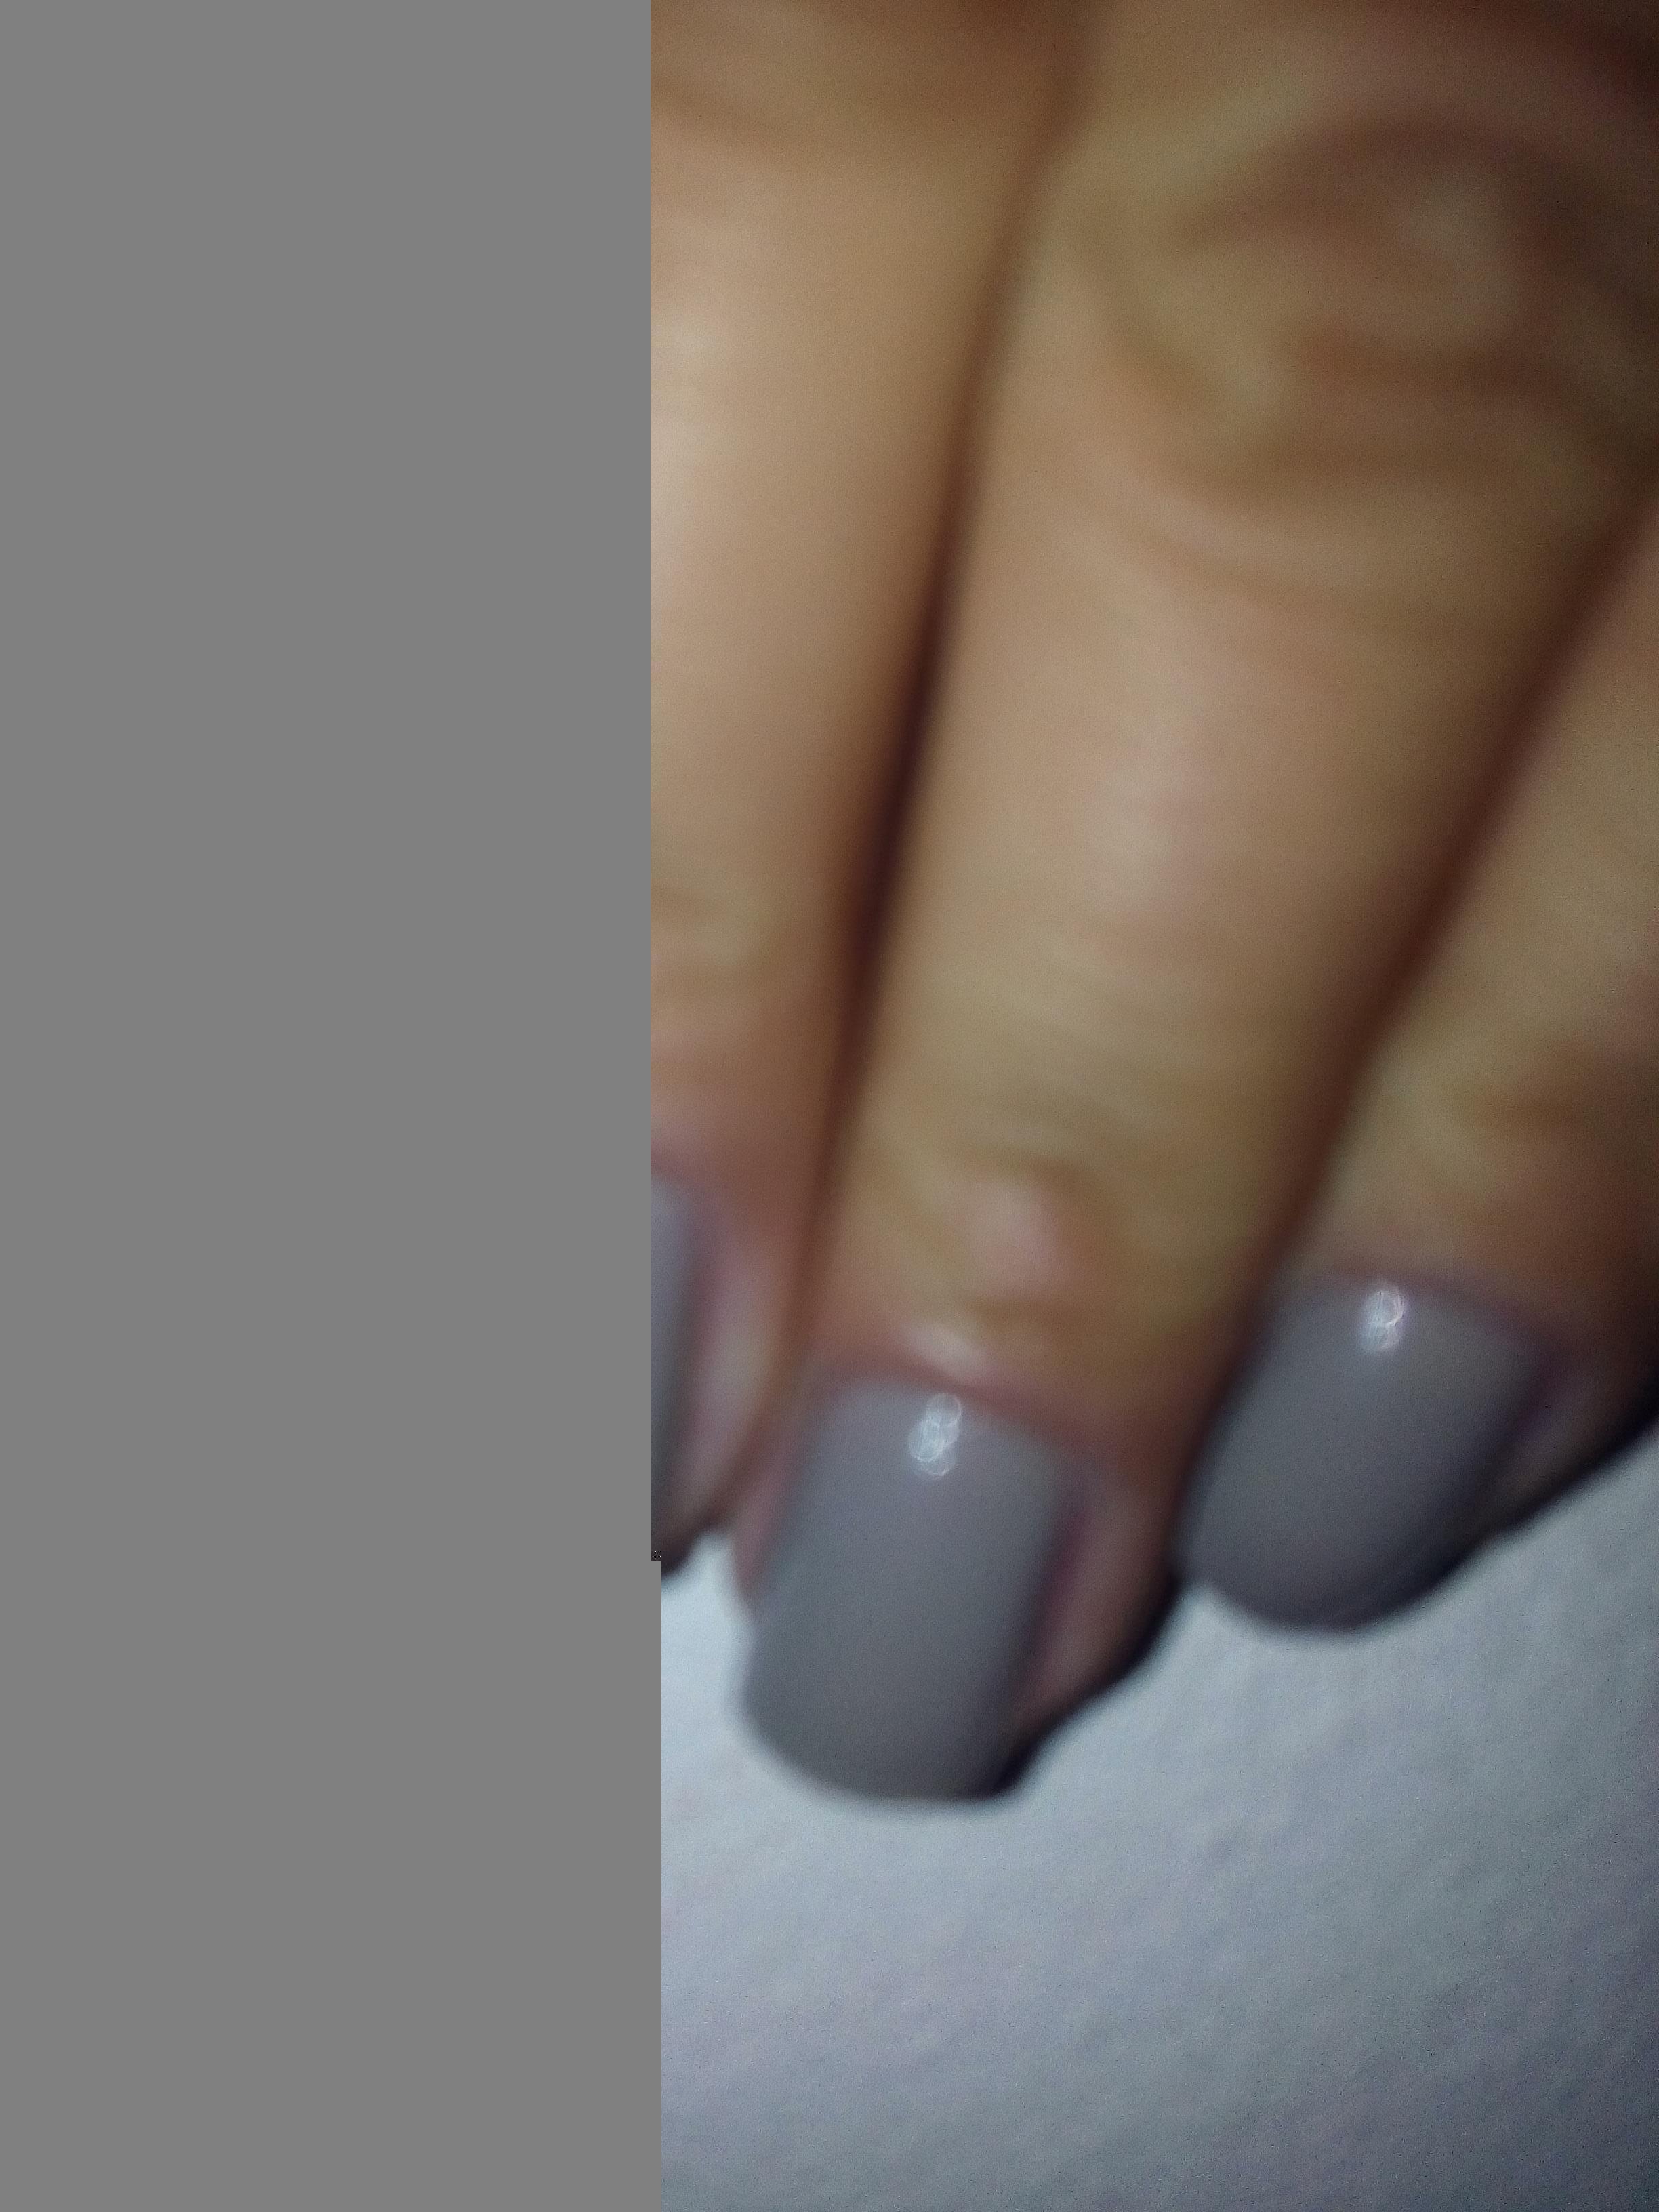 AHAA CINZA SEMPRE SE SOBRESSAINDO É MARA... unha manicure e pedicure